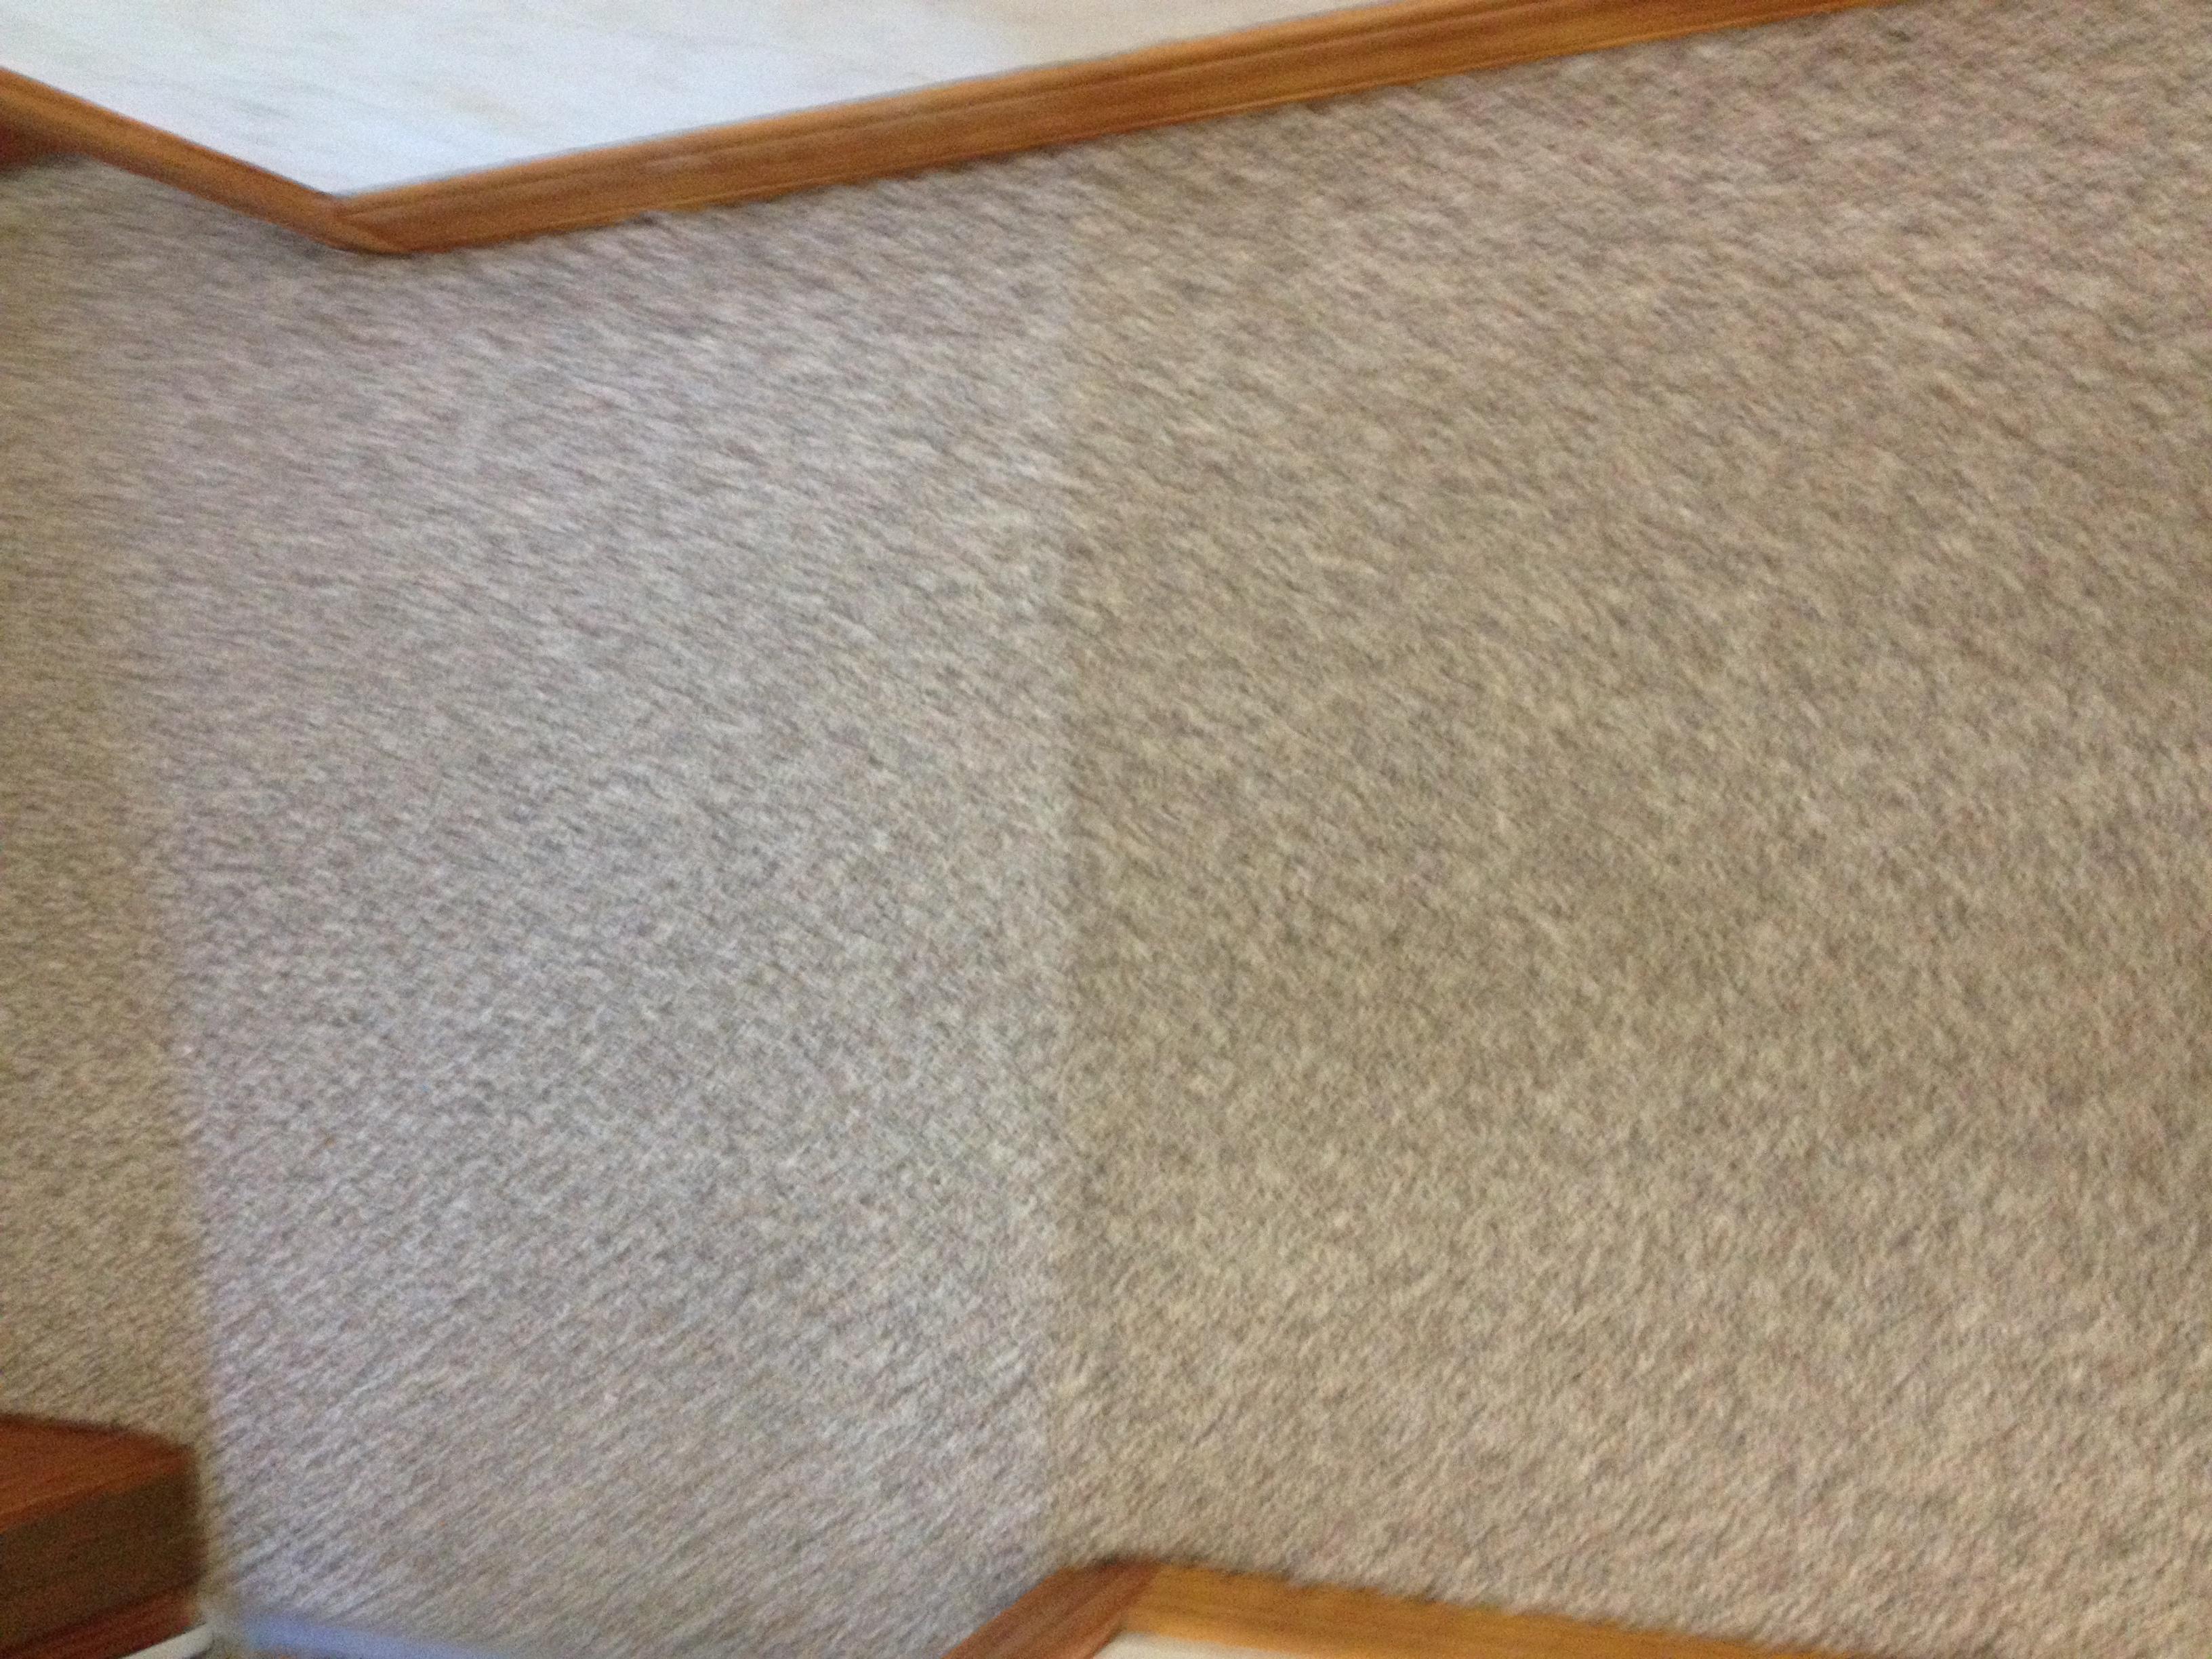 D&D Carpet Cleaning image 11